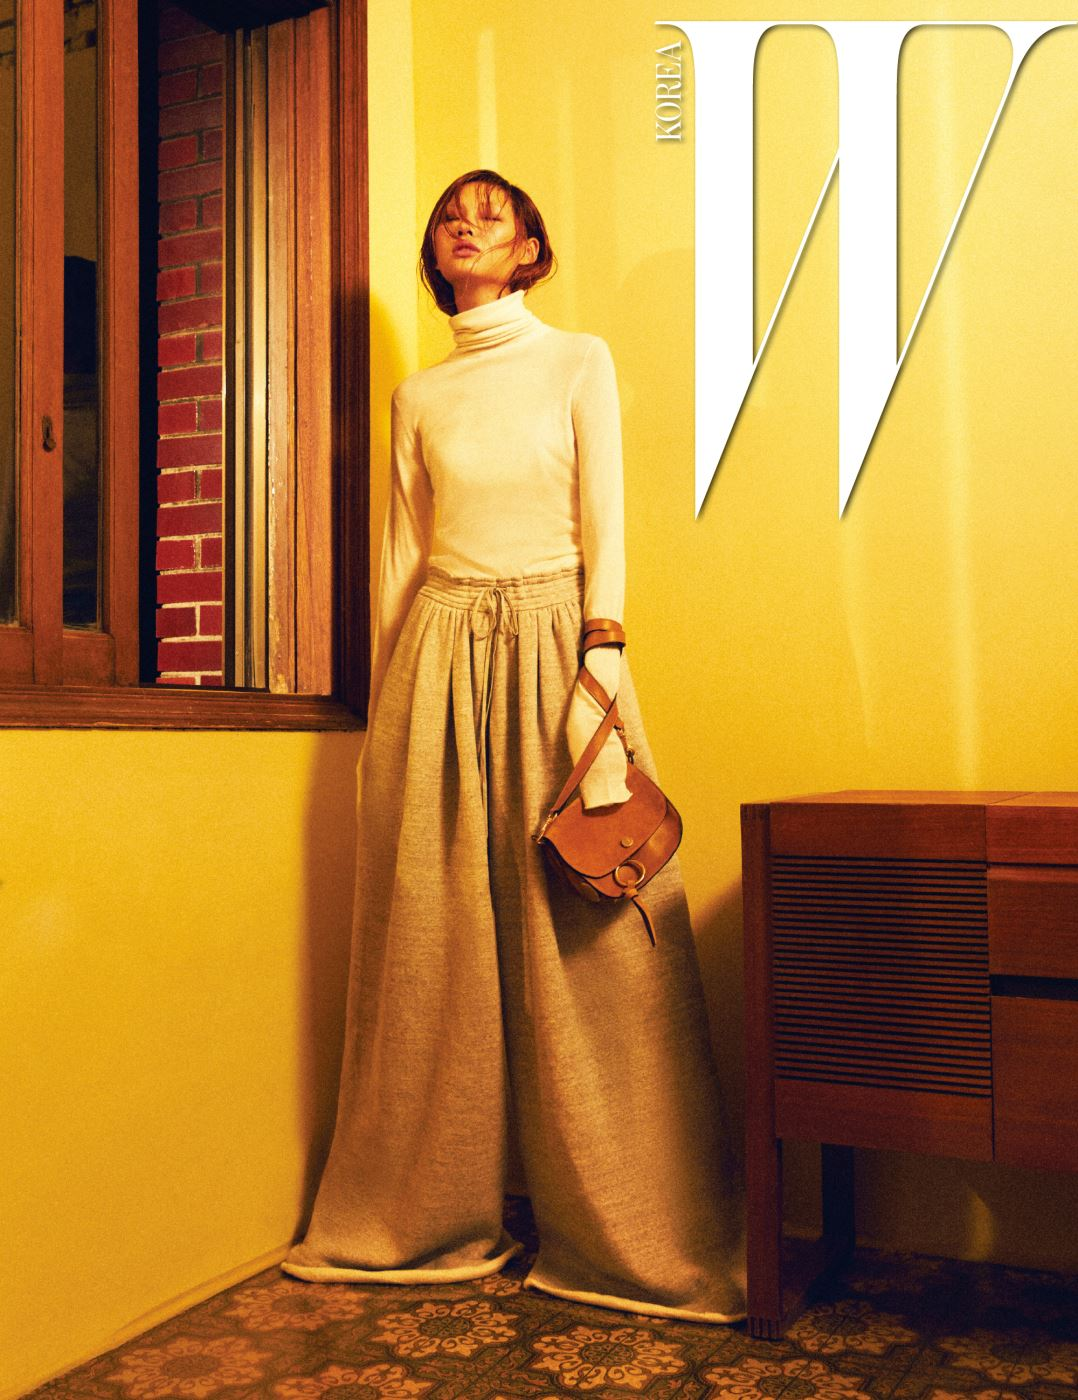 피부가 살짝 비칠 정도로 얇은 아이보리색 터틀넥 톱, 밑단이 드라마틱하게 넓어지는 트랙 팬츠, 캐멀색 커티스 스트랩 백은 모두 Chloe 제품.